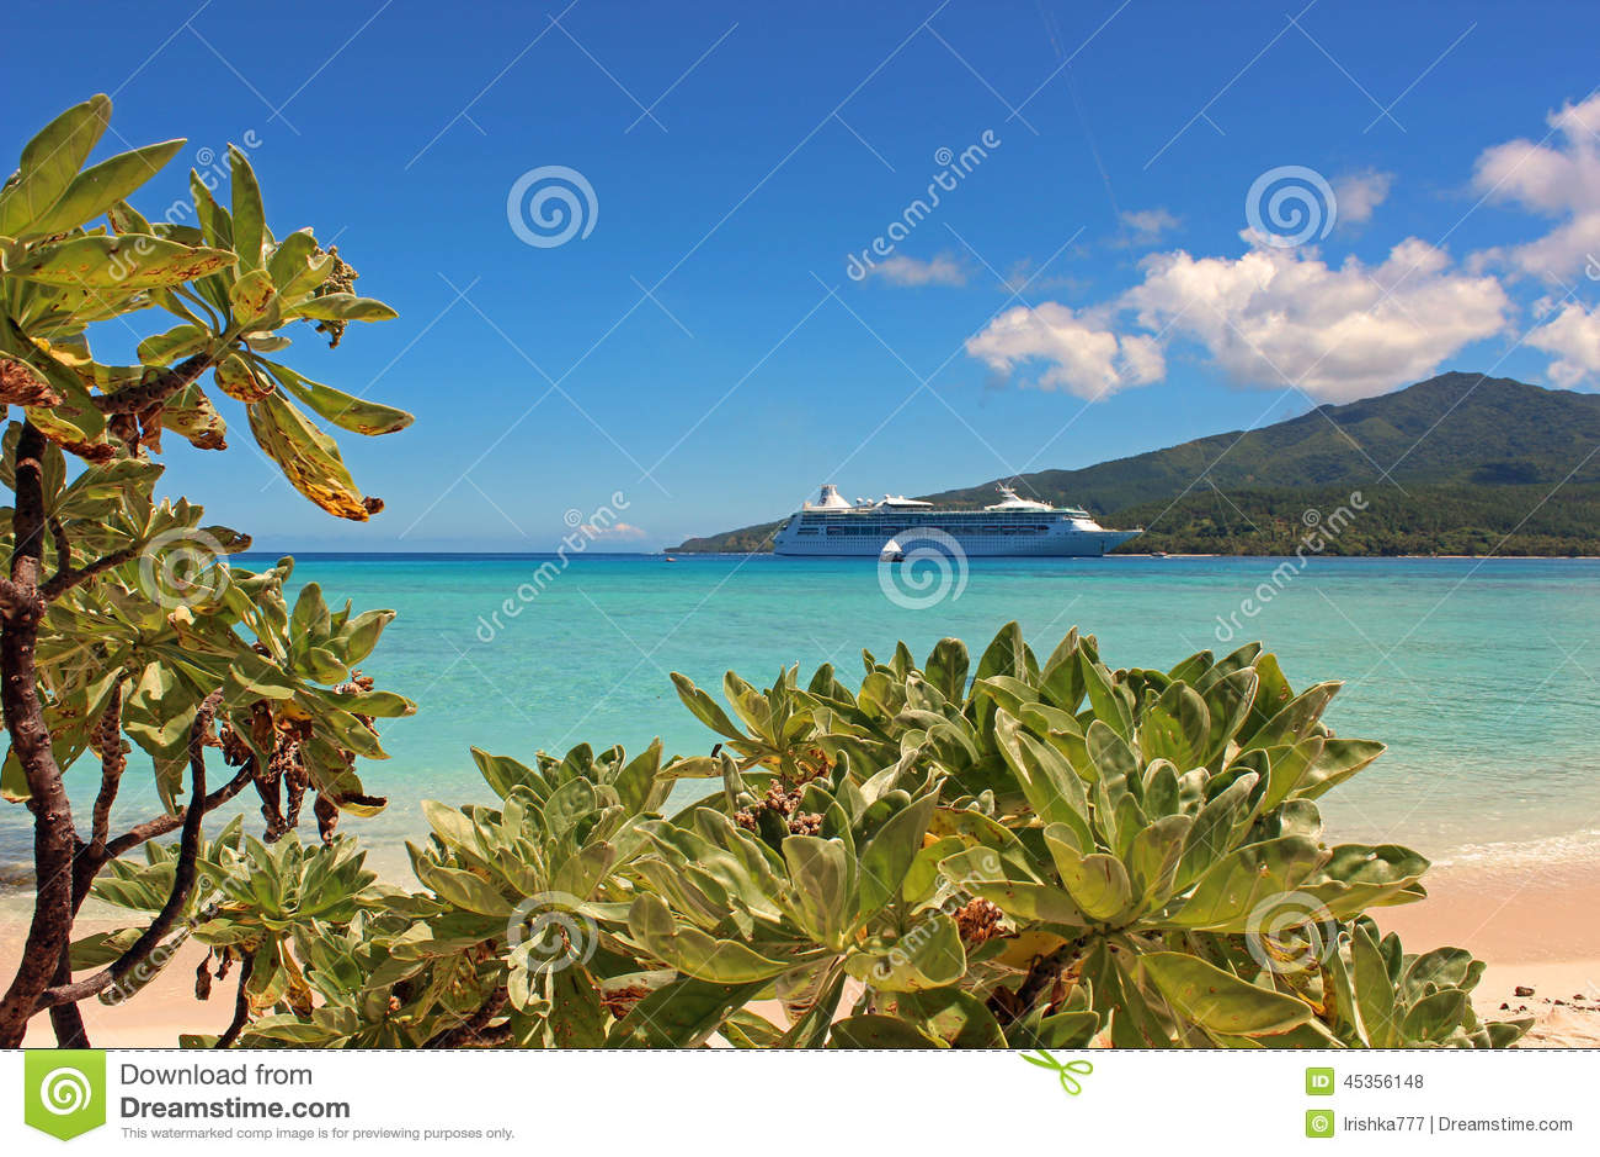 Plage de paradis en île de mystère, Vanuatu, South Pacific